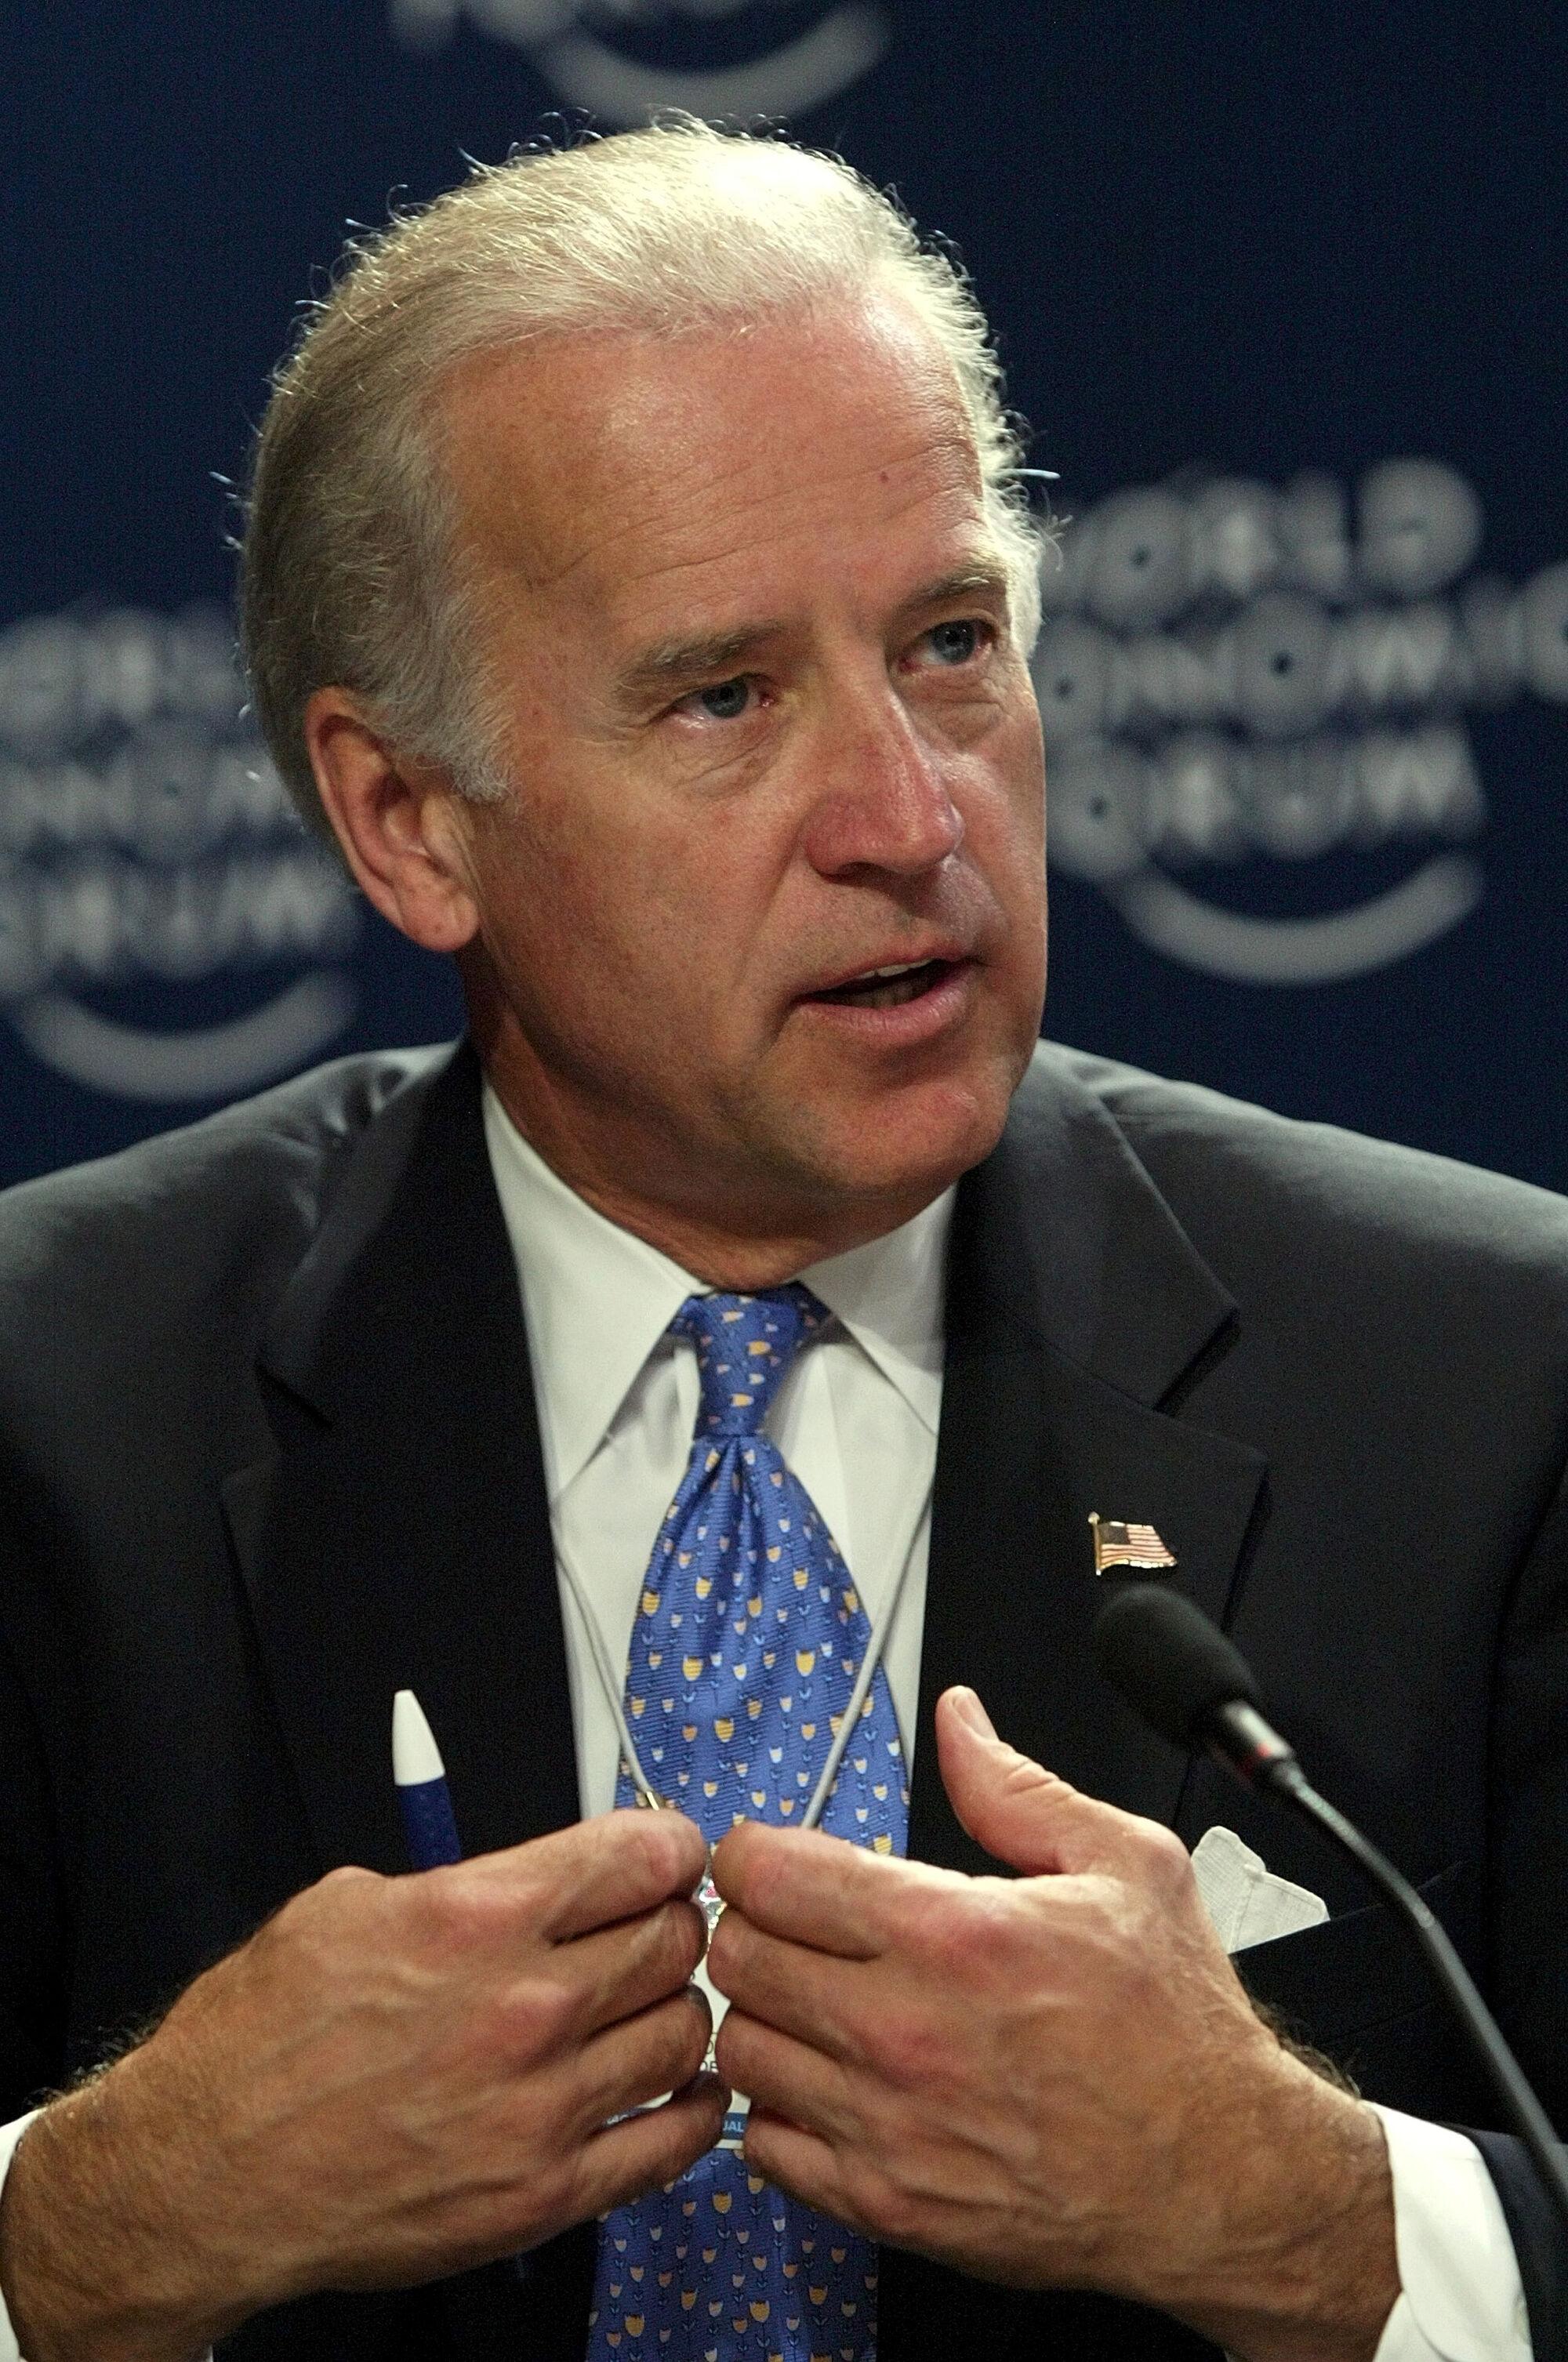 Joe Biden (SIADD)Fan Feed